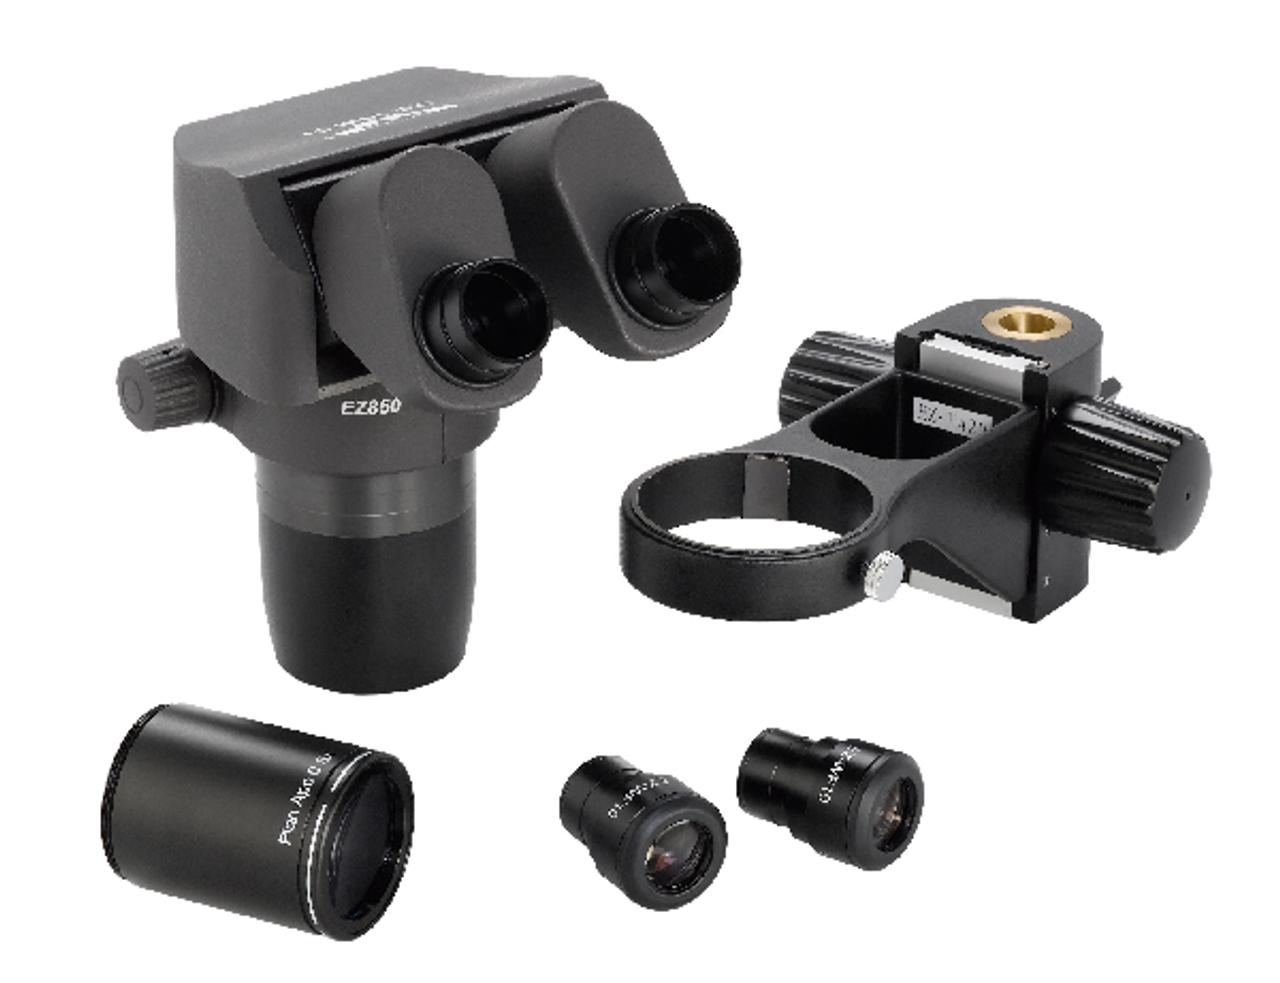 Stereoscope Accessories